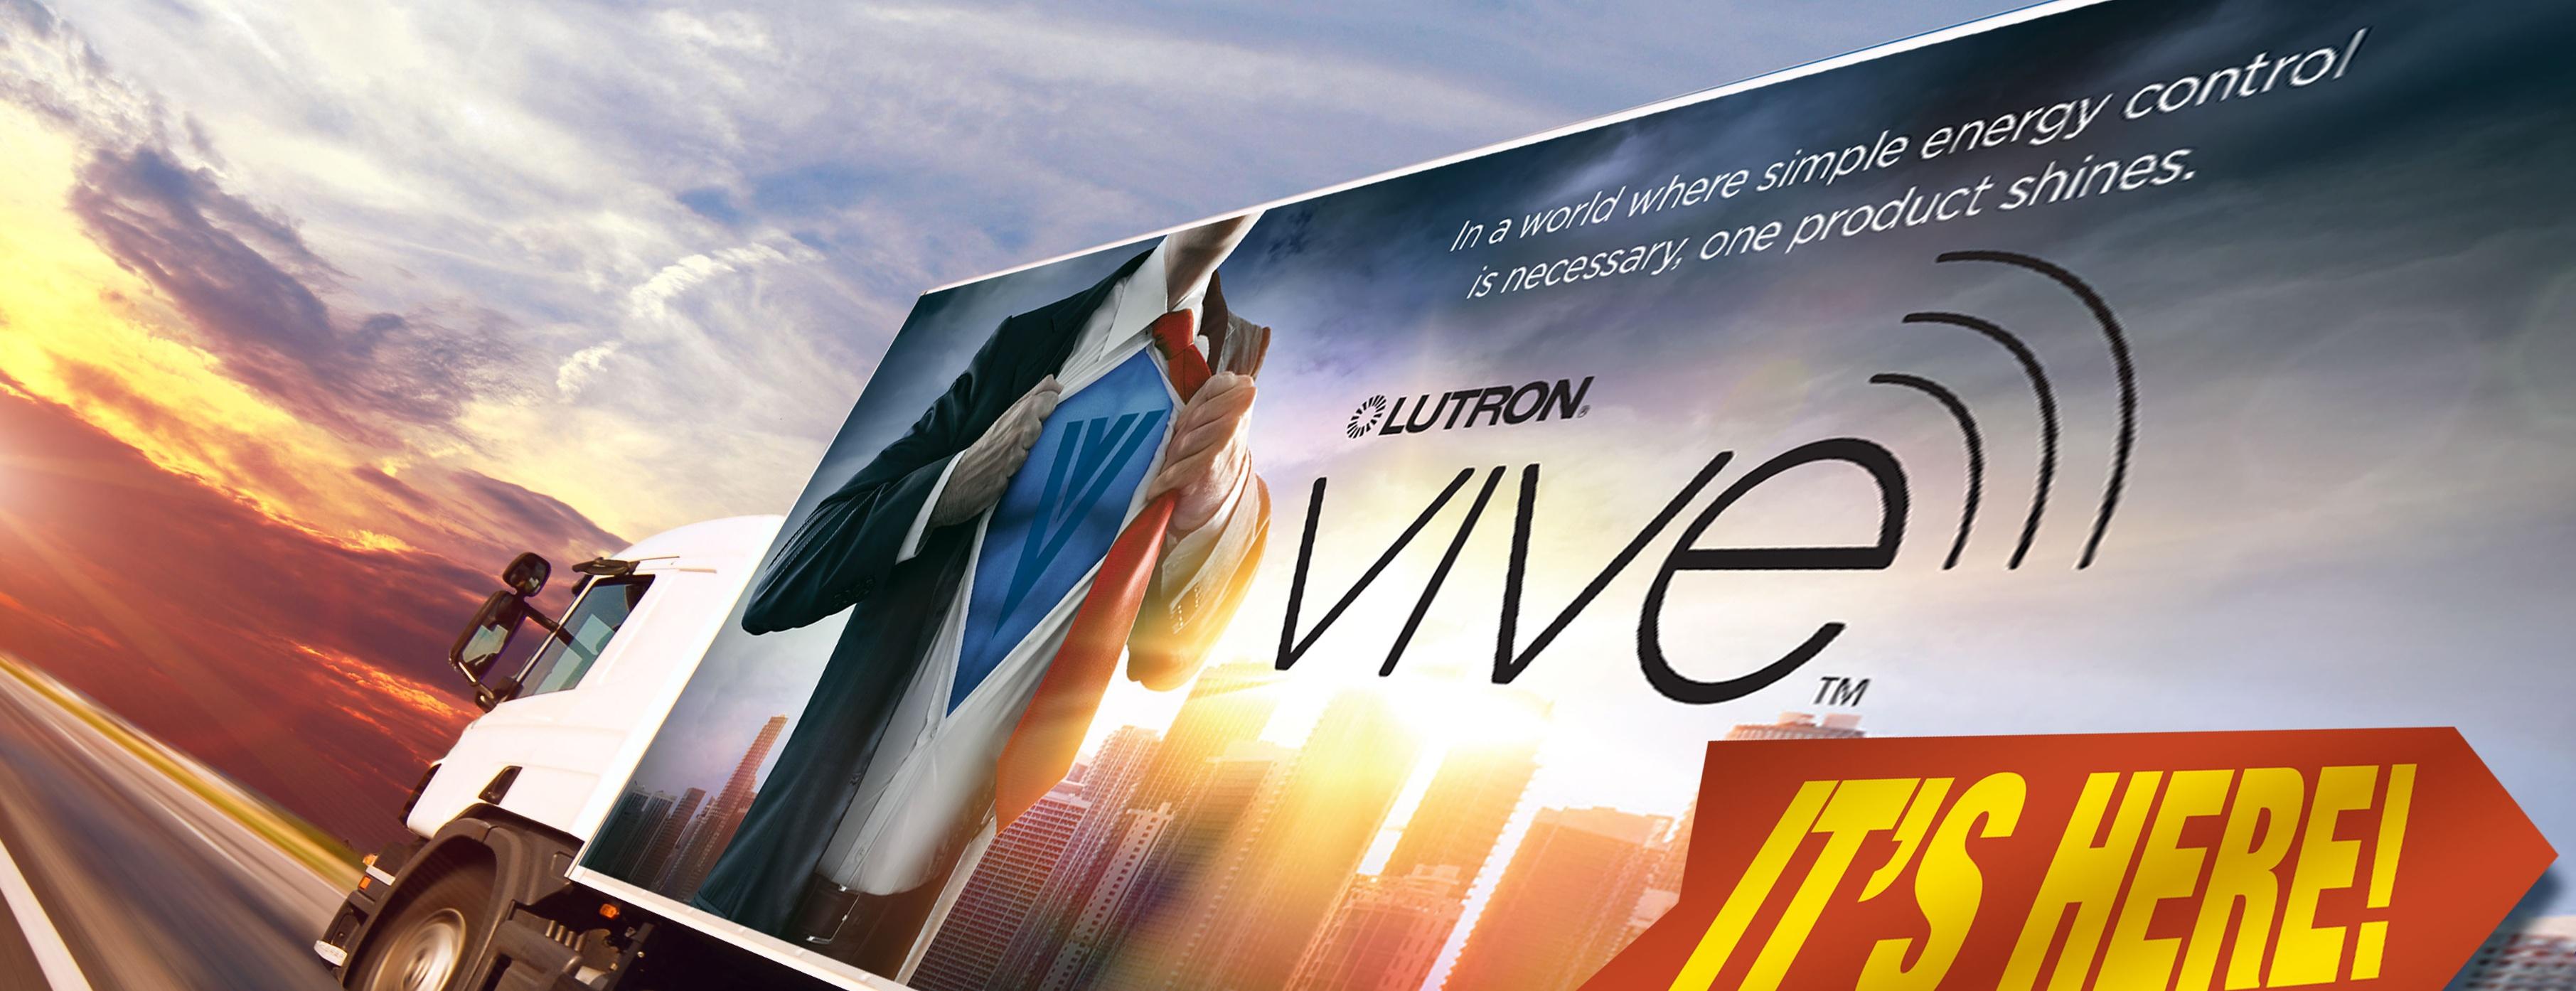 Vive-Its-Here-Truck_reverse_1024x394.jpg